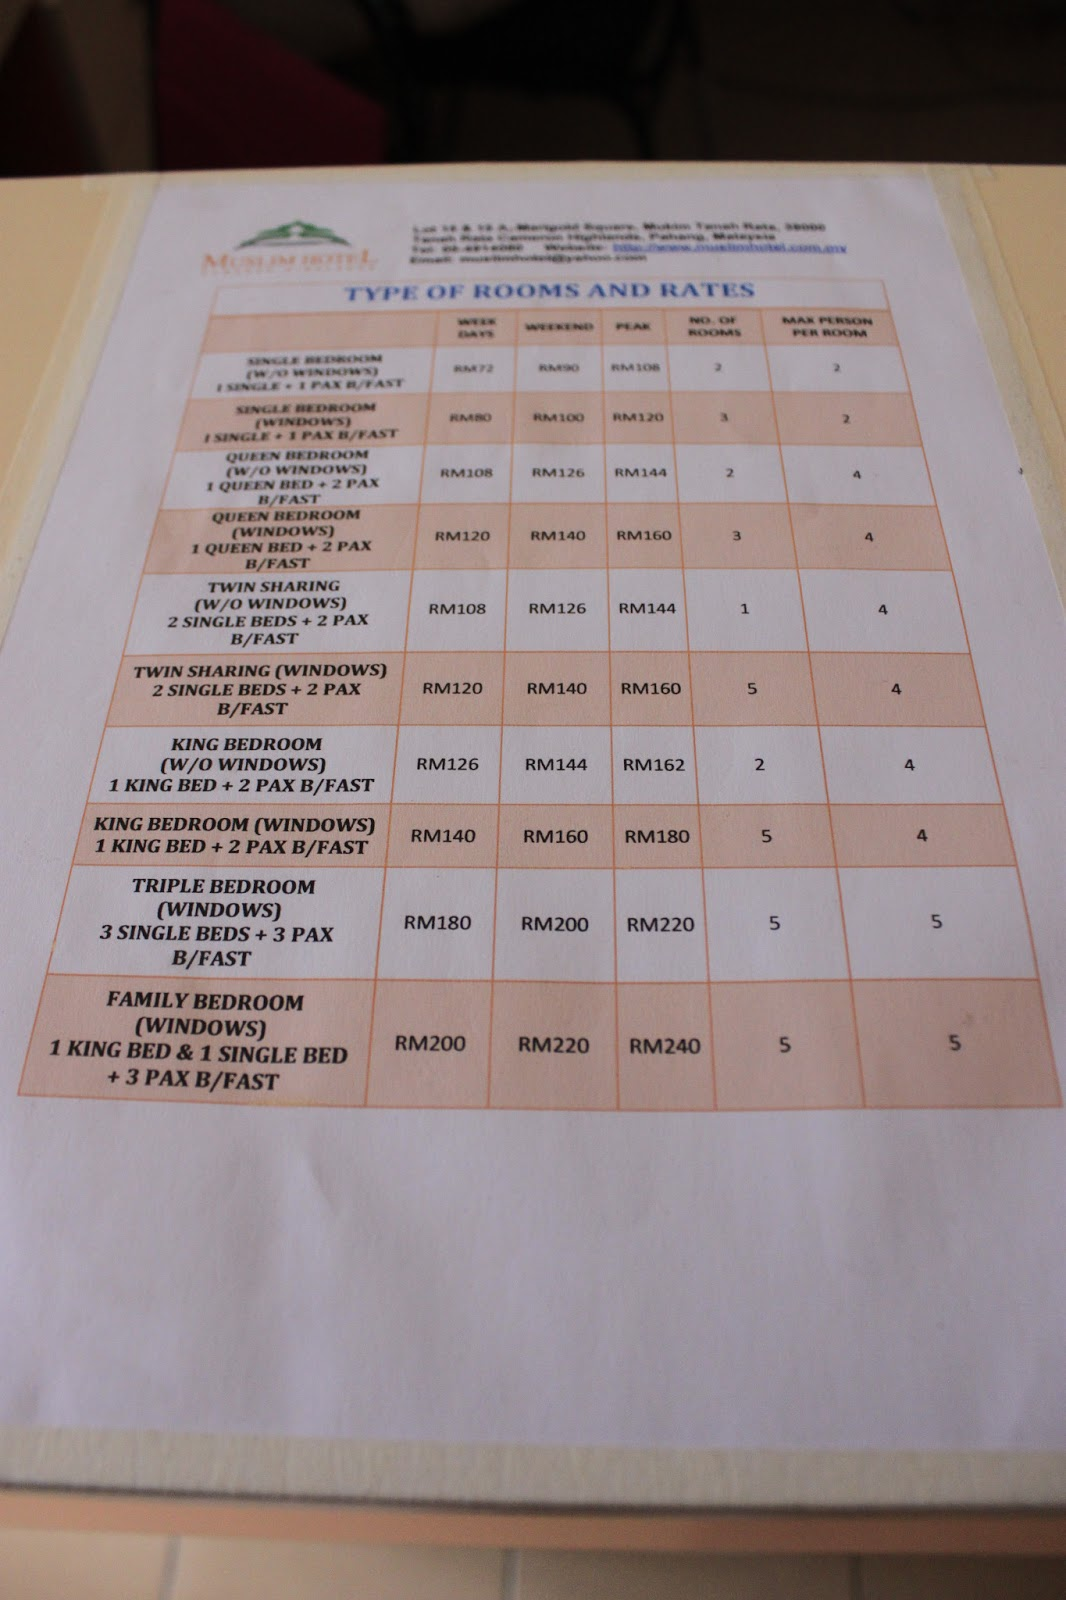 Bilik Bernombor 1002 Harganya Berlainan Mengikut Musim Hari Biasa Minggu Dan Cuti Umum Paling Murah Berharga RM72